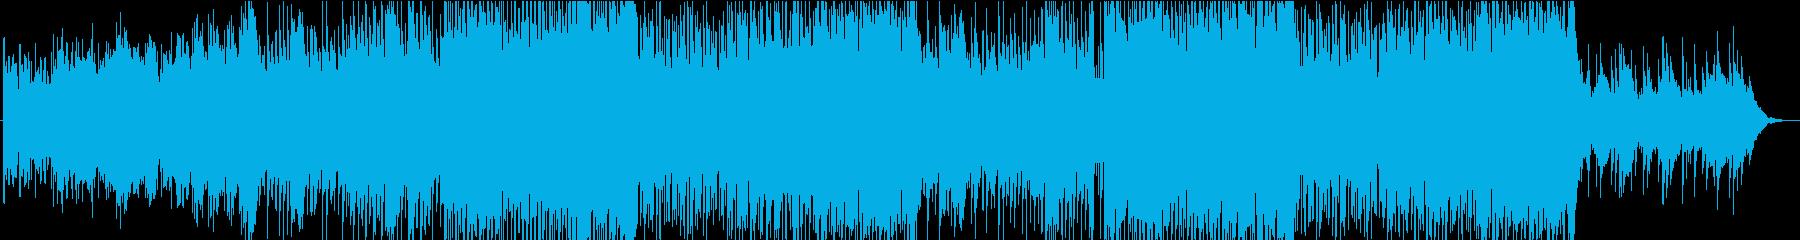 爽やかで広がりのある3拍子が特徴のBGMの再生済みの波形